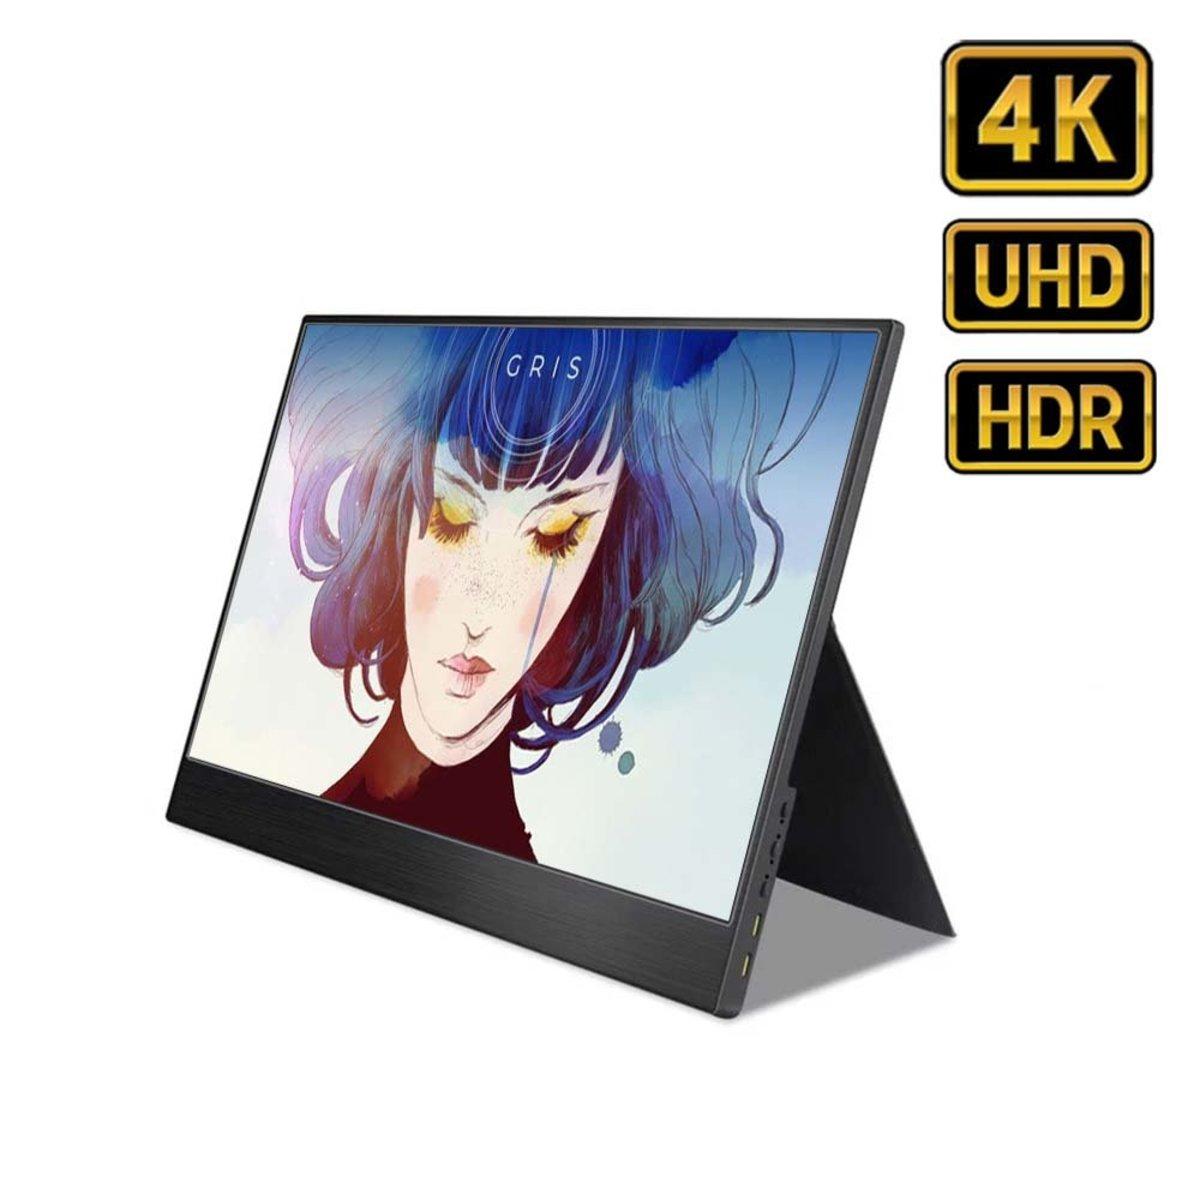 15.6吋 4K HDR 可攜式多點觸控顯示器 - Z15KT